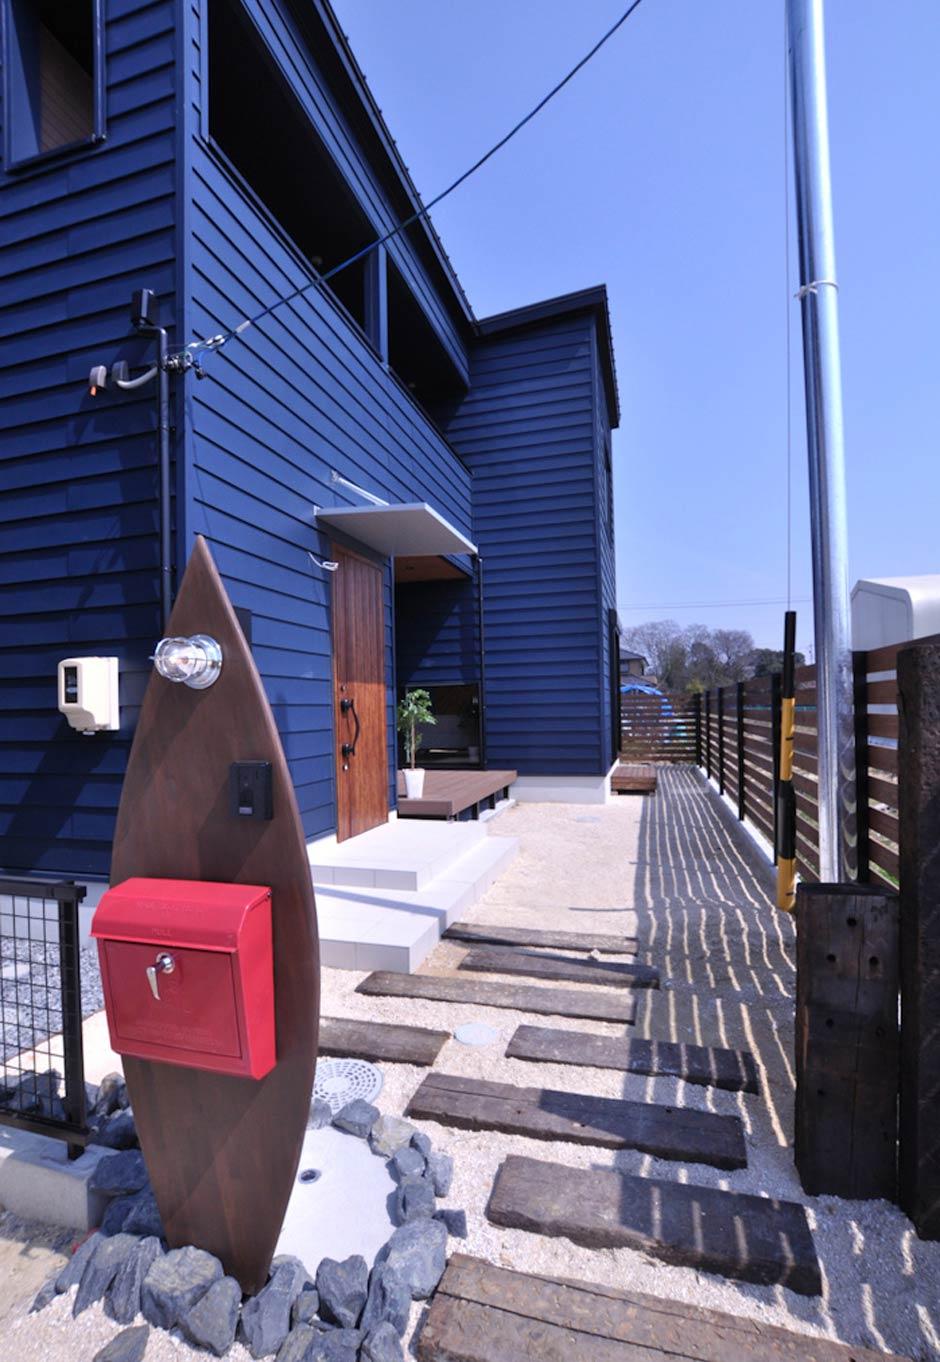 Asobi-創家(アソビスミカ)/ナカジツ【デザイン住宅、趣味、間取り】アメリカ西海岸を彷彿とさせるアプローチ。海をイメージした濃いブルーの外壁が太陽光に美しくきらめく。サーフボードをモチーフにした造作のオブジェにも趣がある